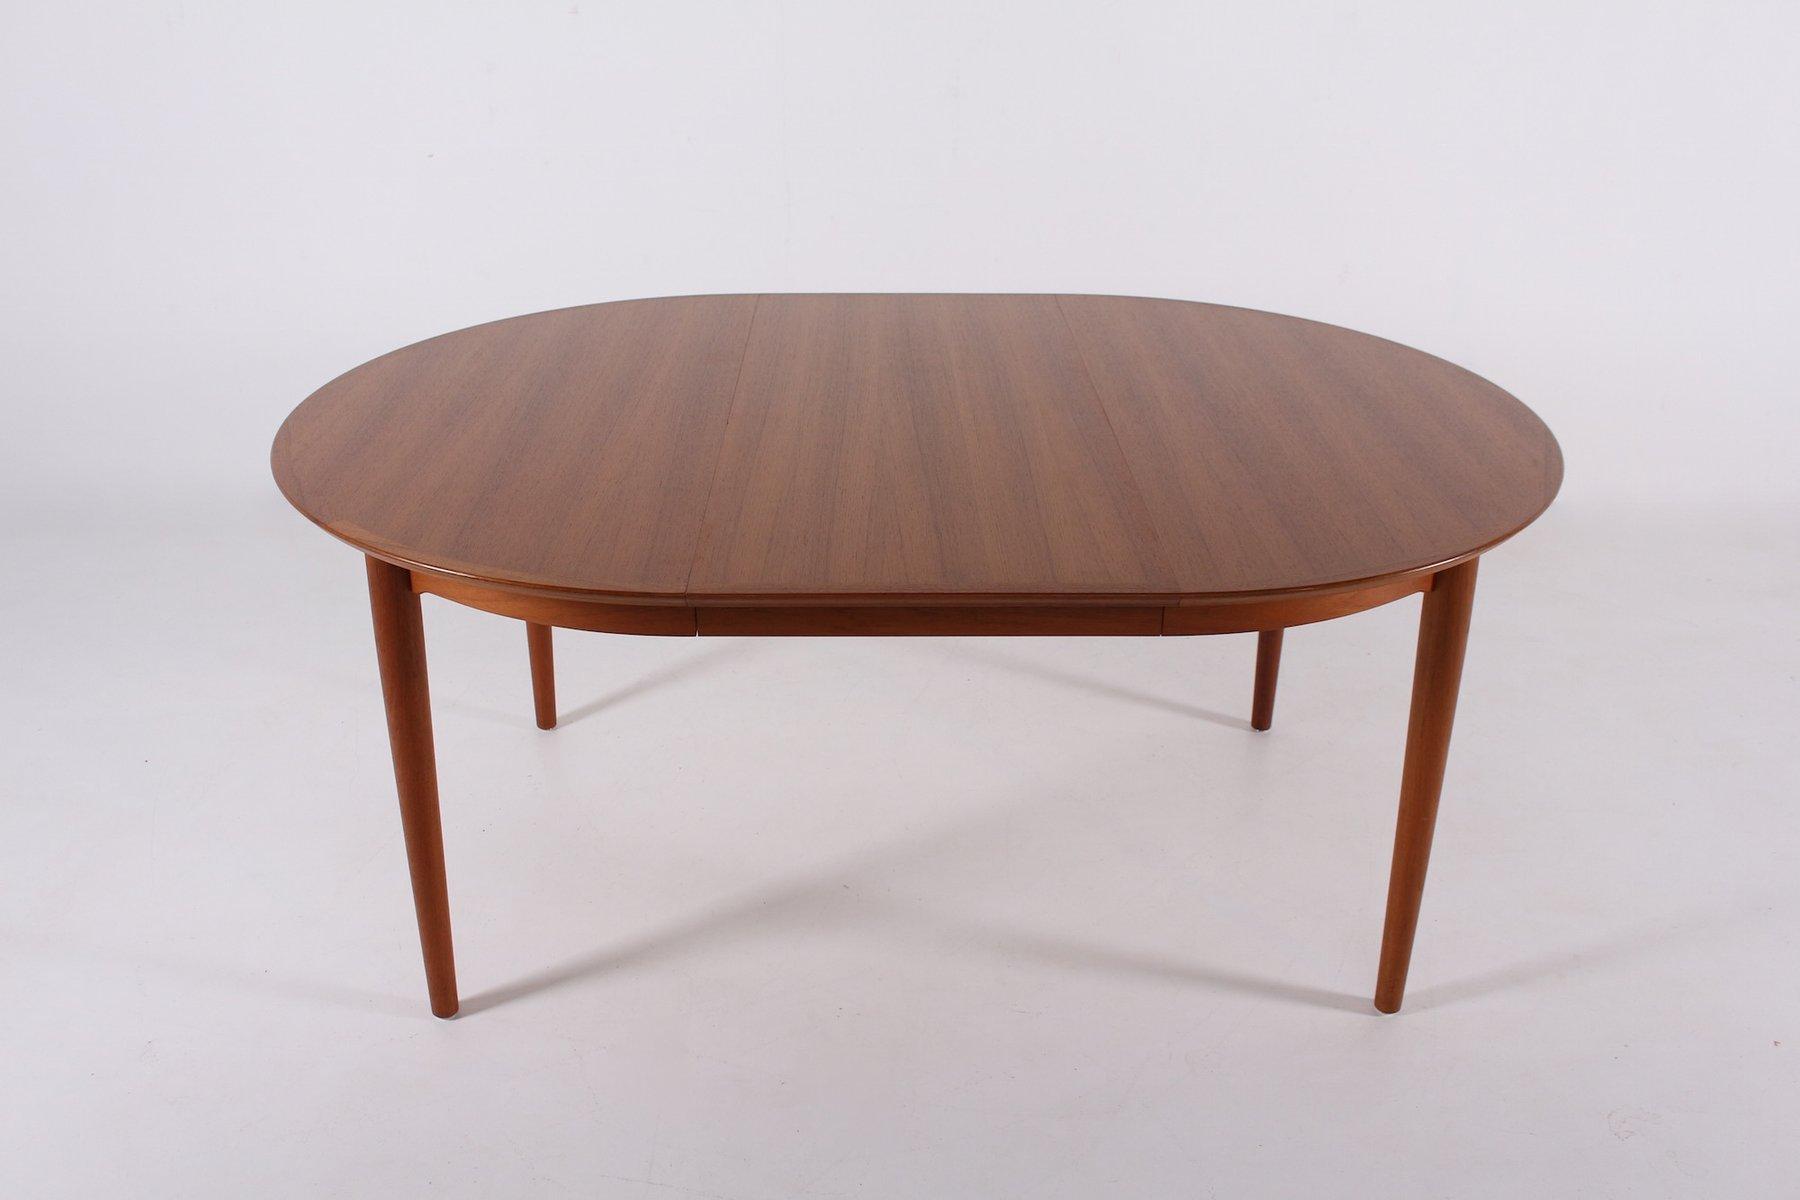 runder ausziehbarer modell 204 tisch von arne vodder f r sibbast 1970er bei pamono kaufen. Black Bedroom Furniture Sets. Home Design Ideas